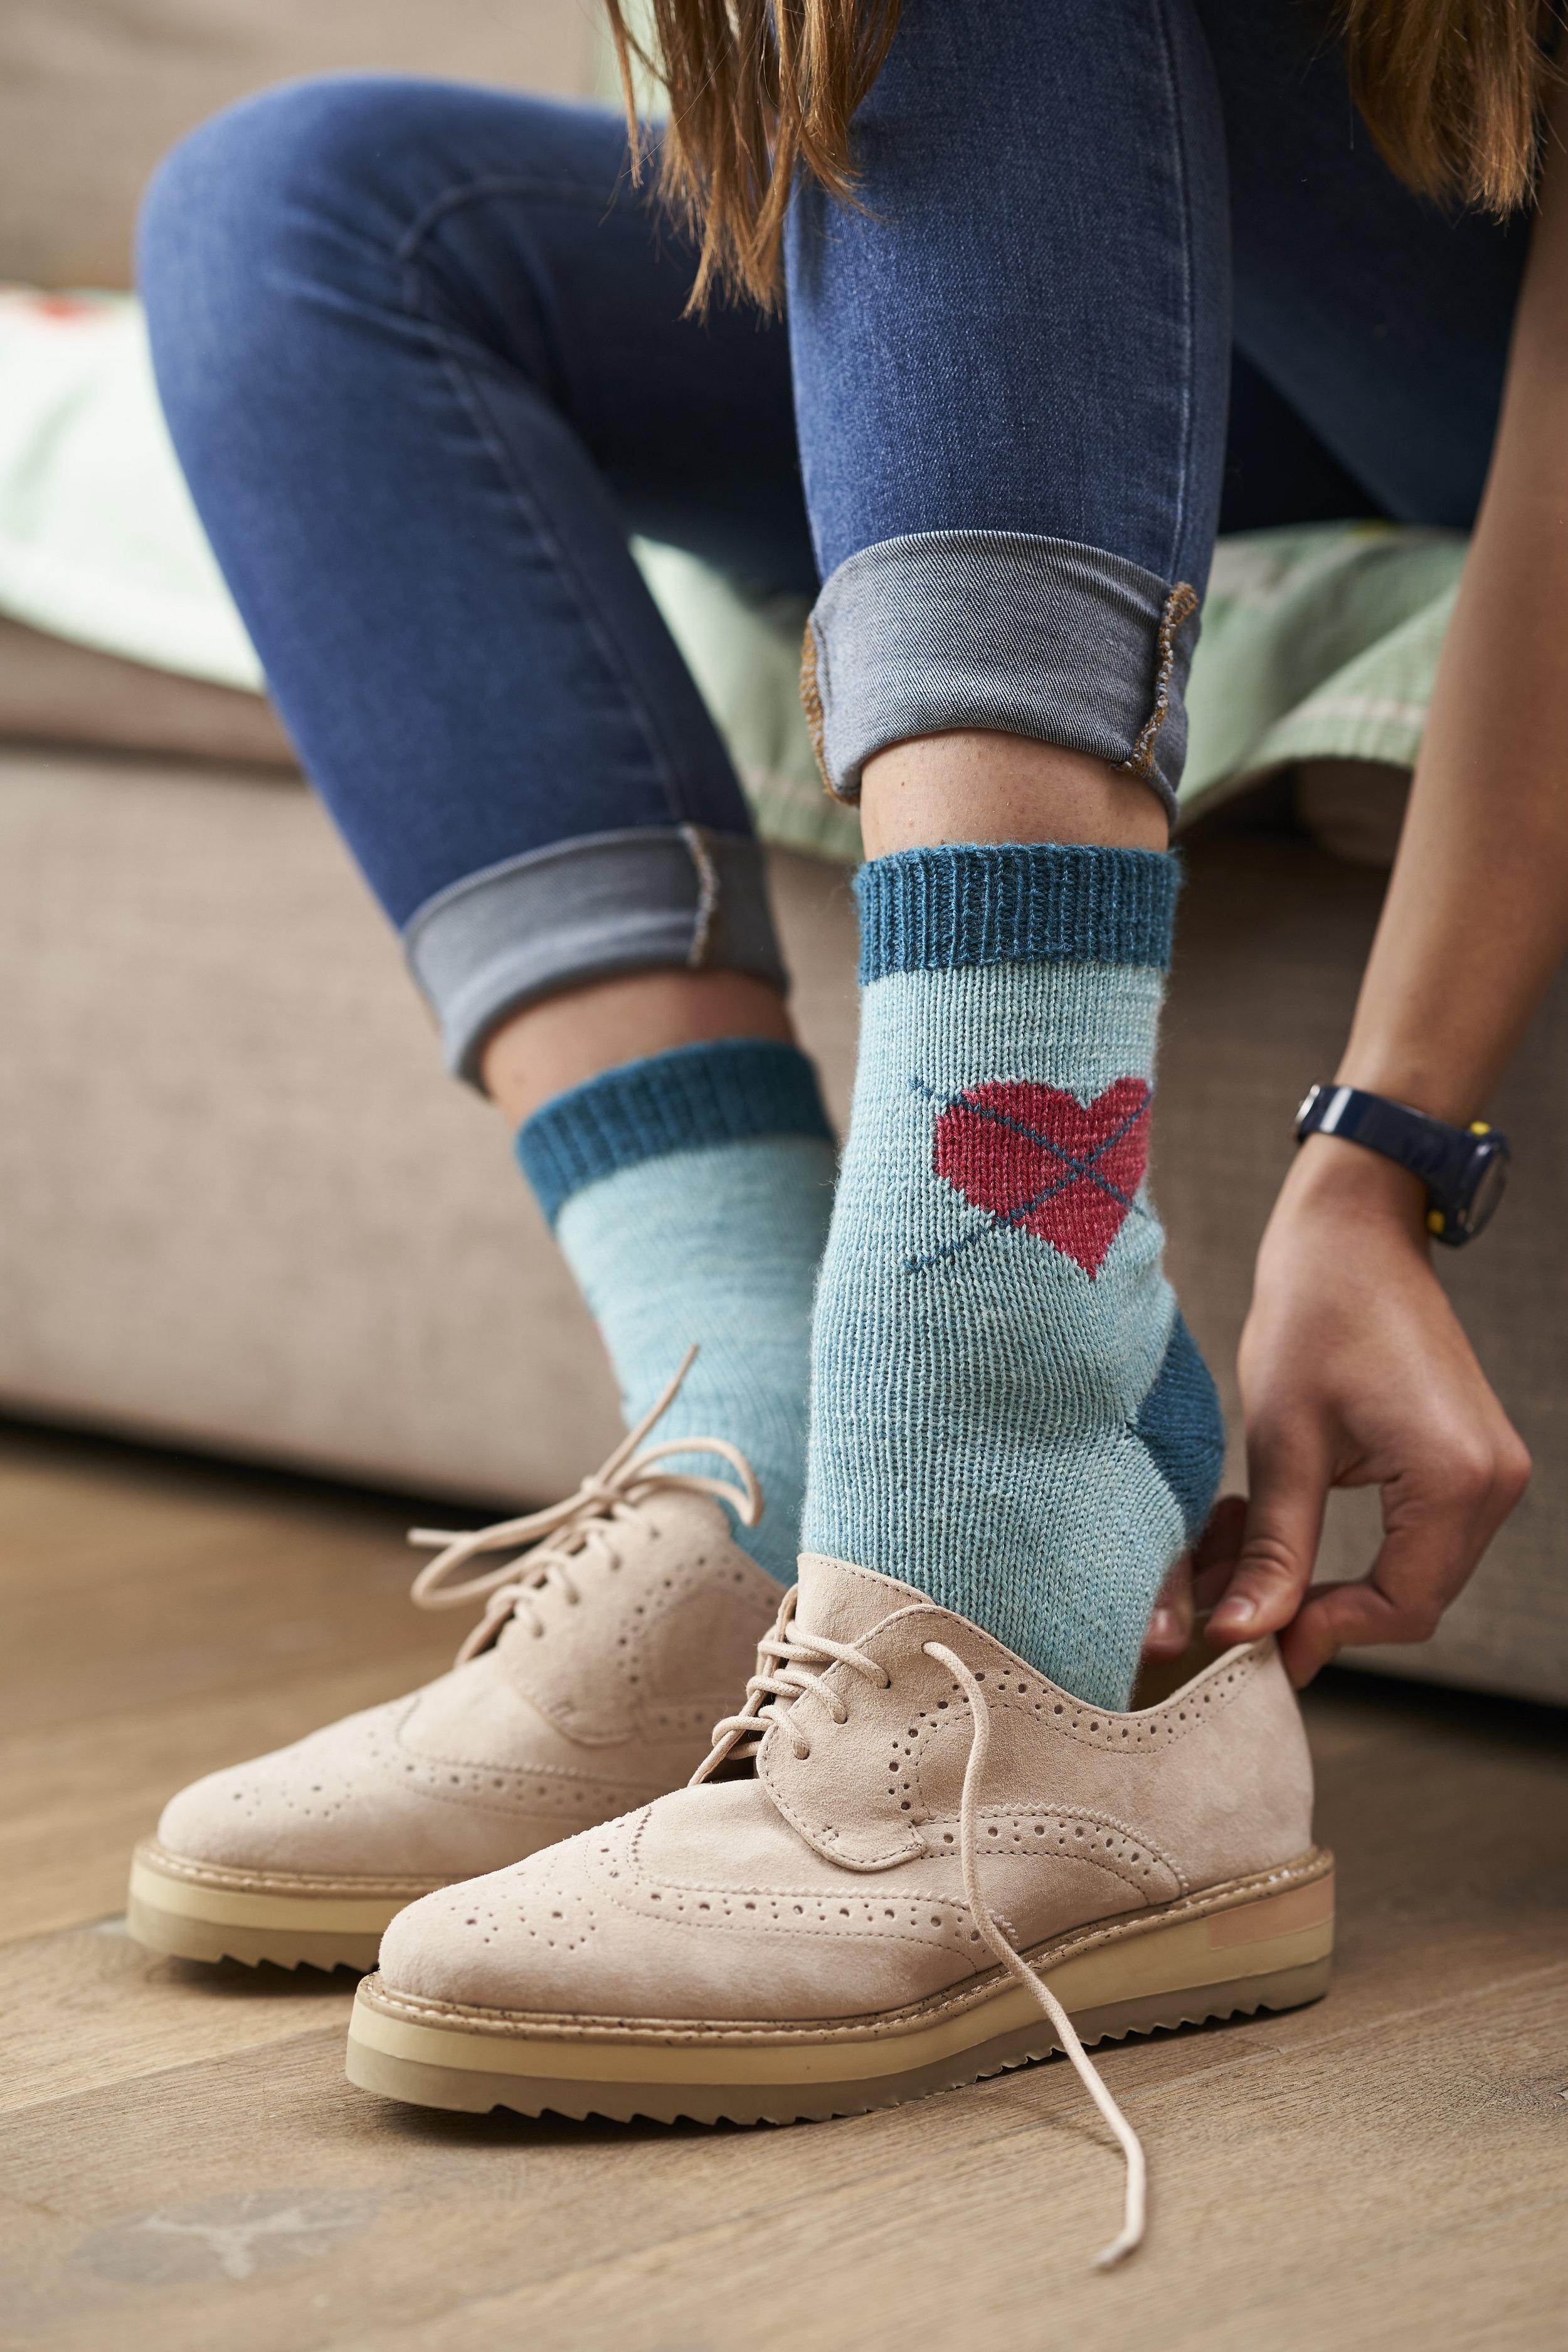 heart_socks_39.jpg